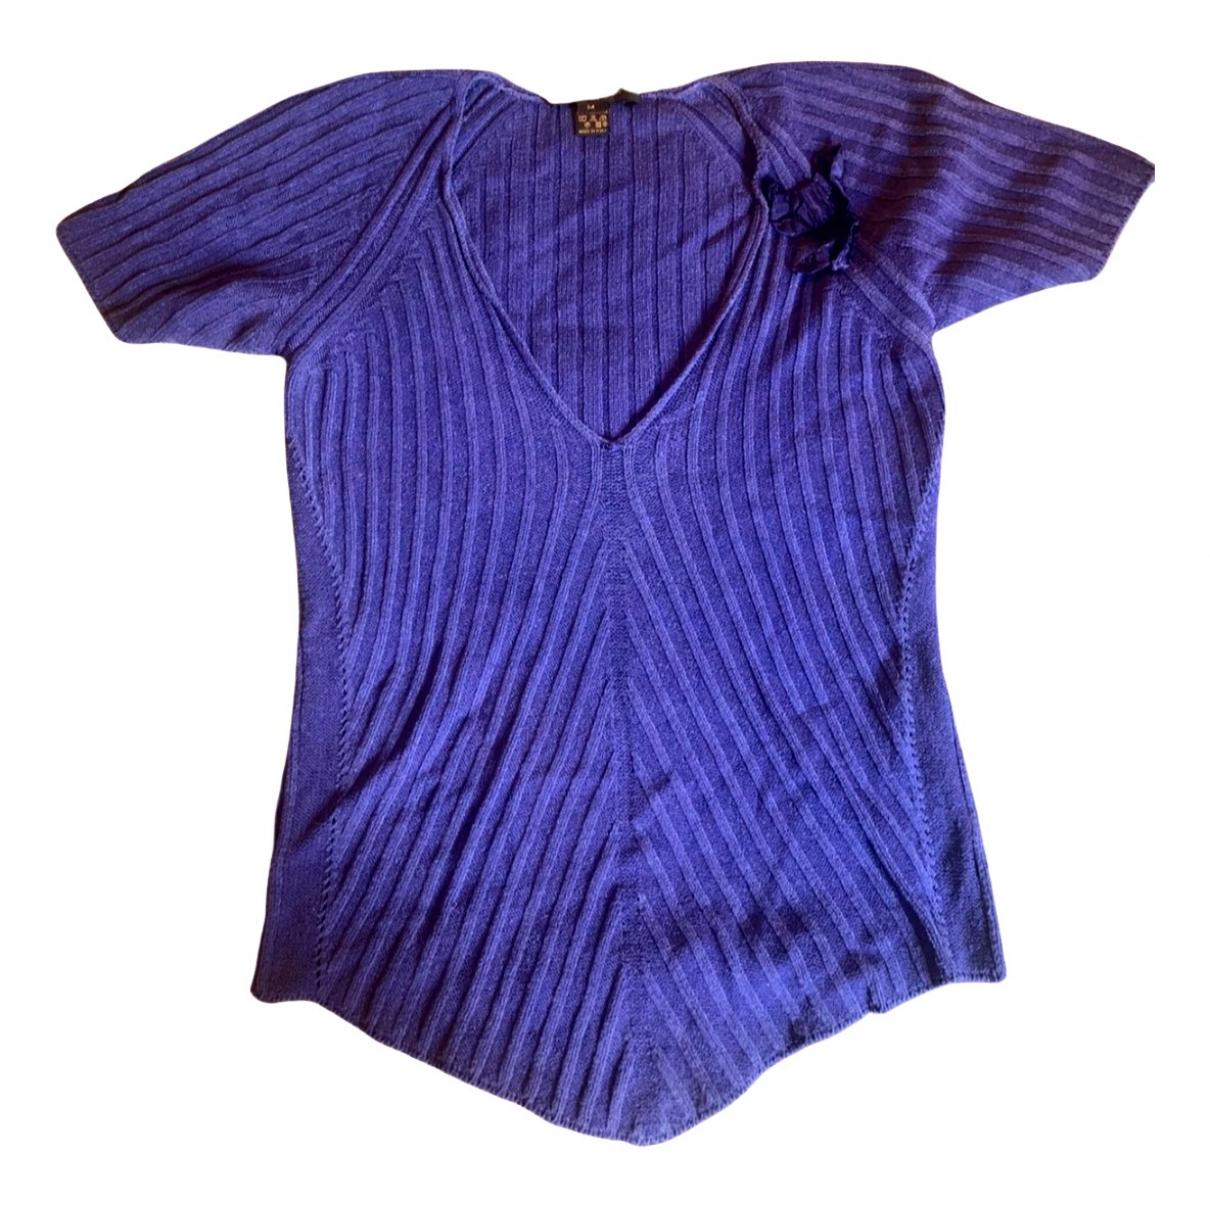 Louis Vuitton - Pull   pour femme en laine - violet